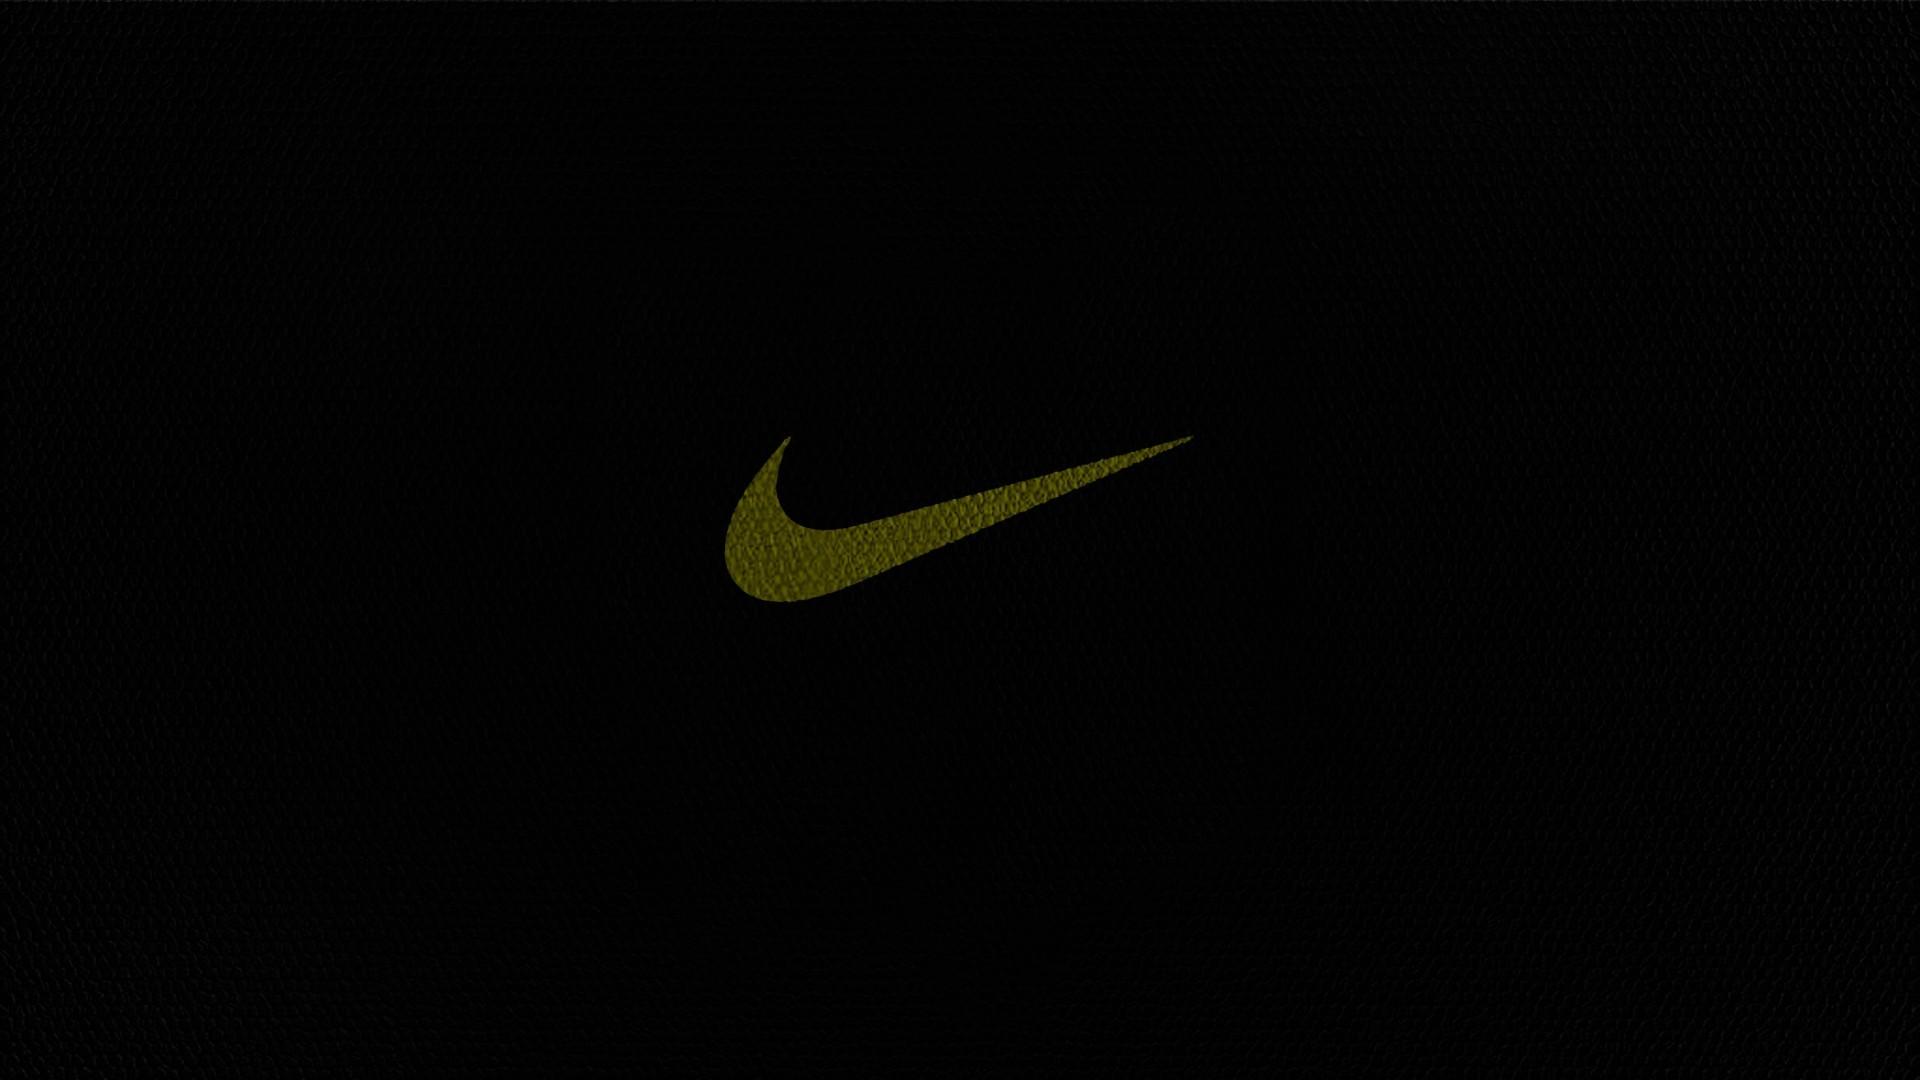 Nike Swoosh Wallpapers: Nike Wallpaper Desktop (67+ Images